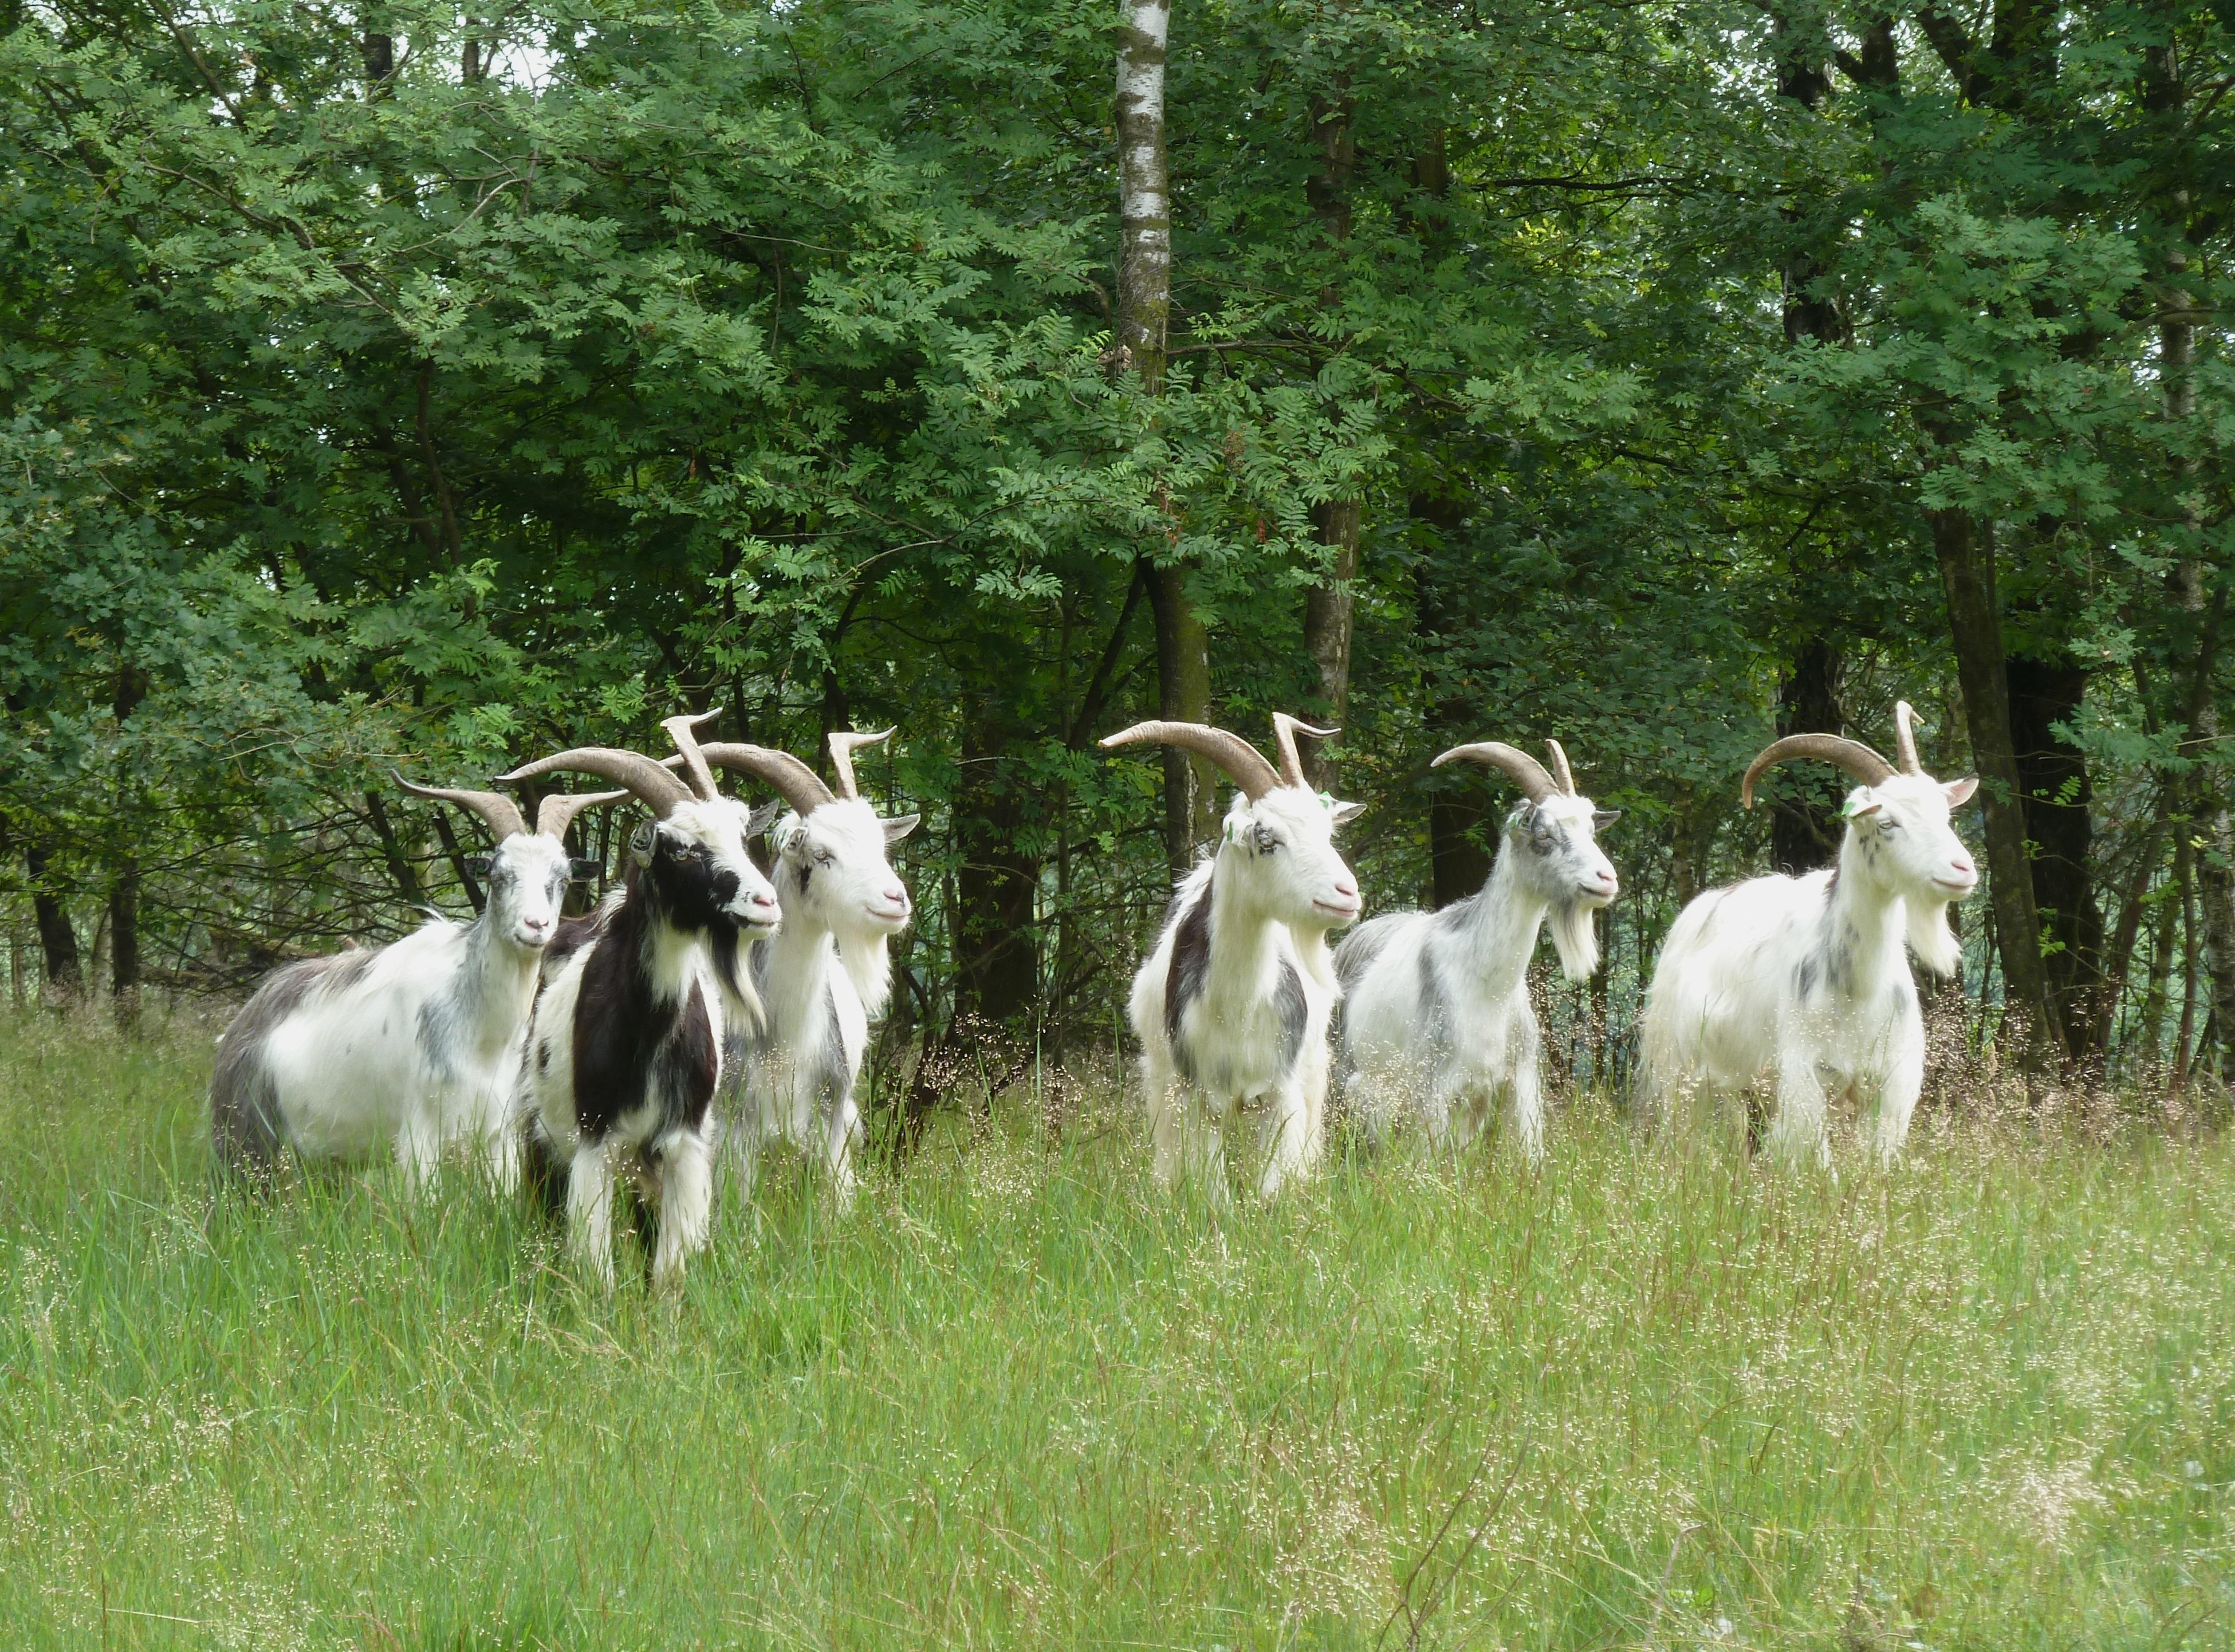 здравствует козы в лесу картинки большом